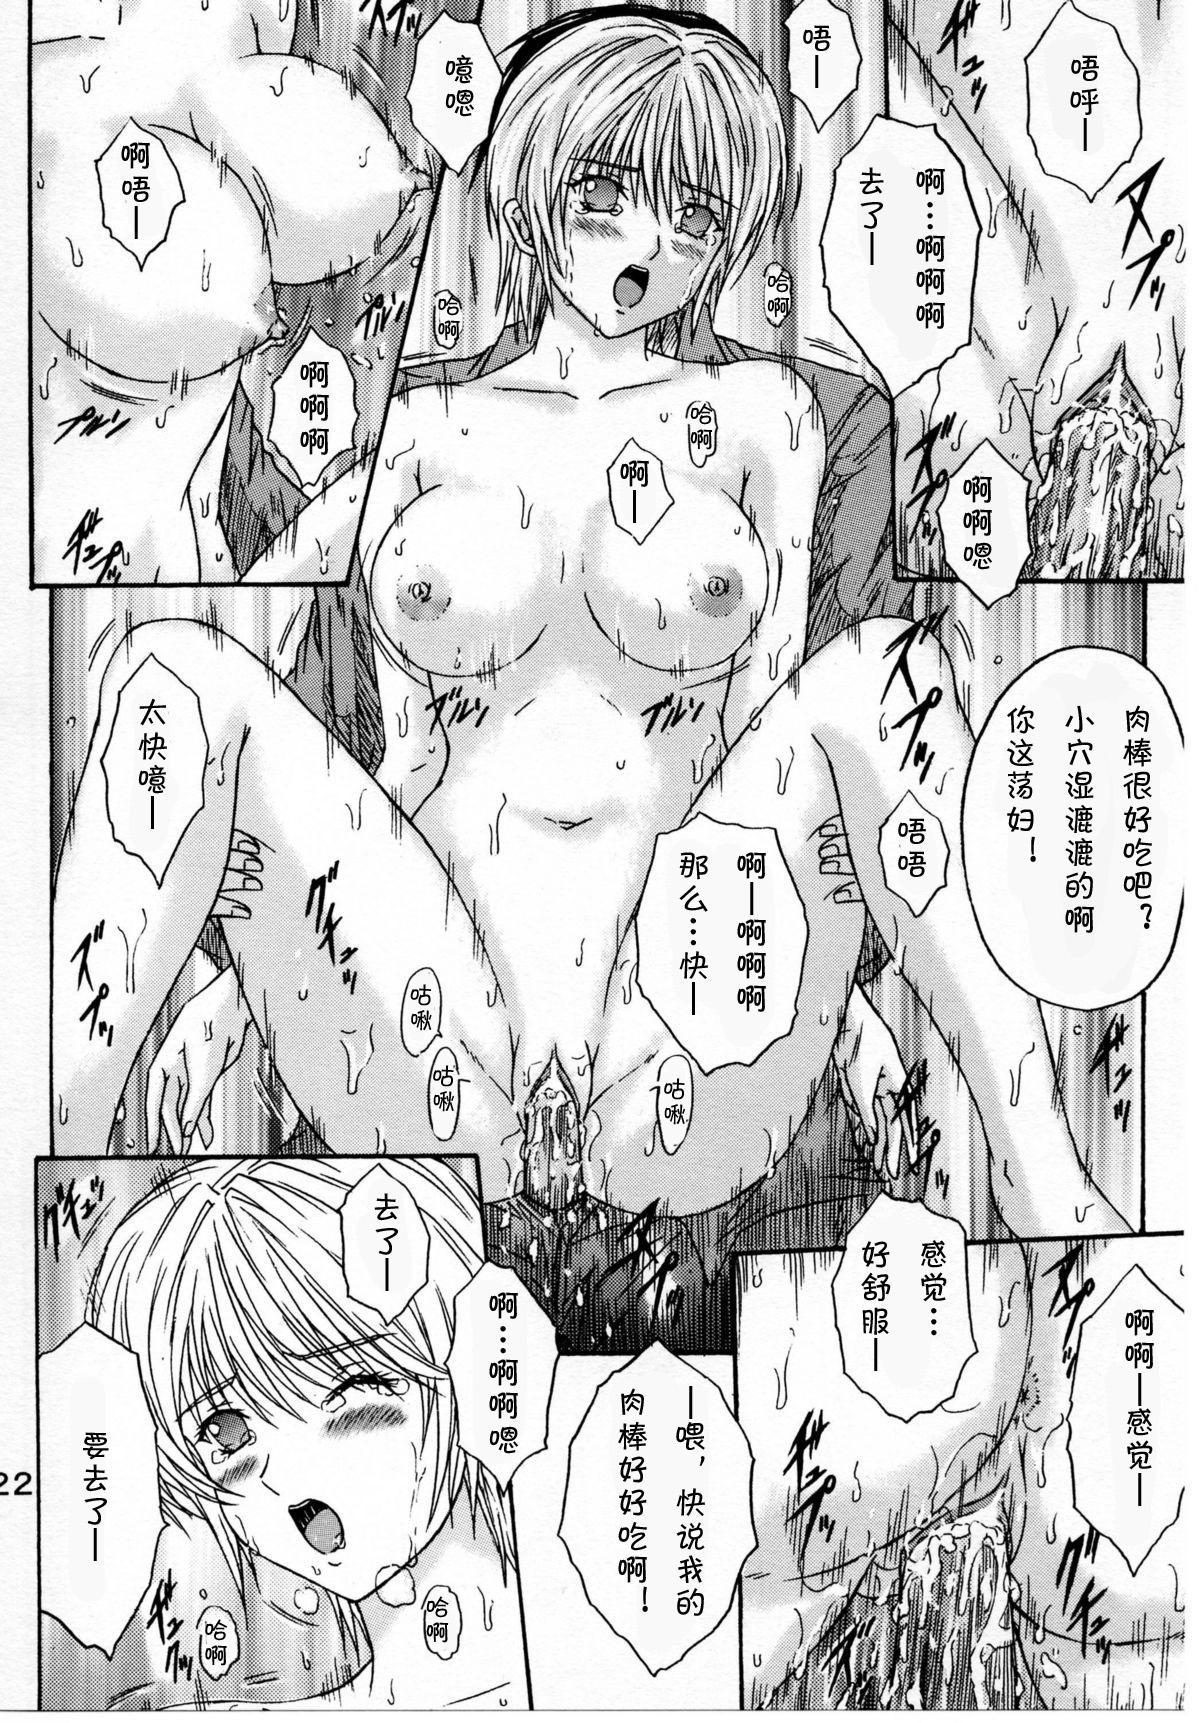 Ryoujoku Rensa 04 20